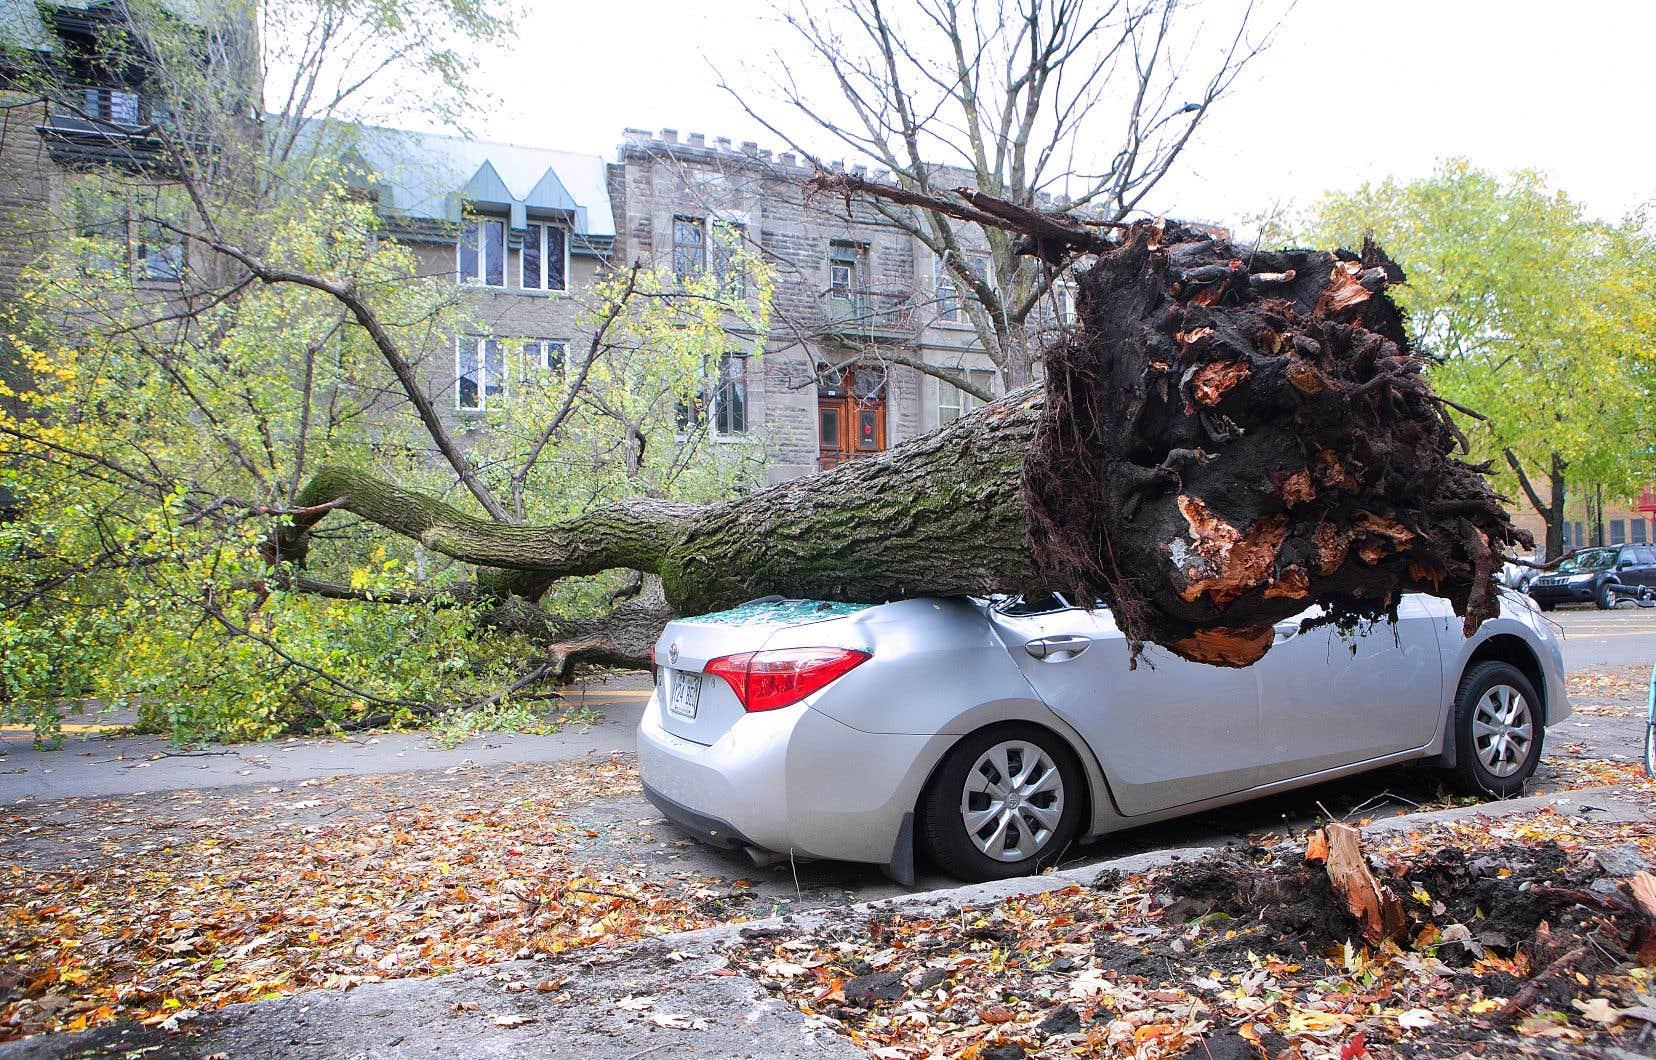 Le Québec a été frappé par une violente tempête vendredi: pluies diluviennes dans certaines régions, importantes chutes de neige en d'autres endroits, vents puissants qui ont déraciné des arbres et endommagé le réseau de distribution d'électricité.